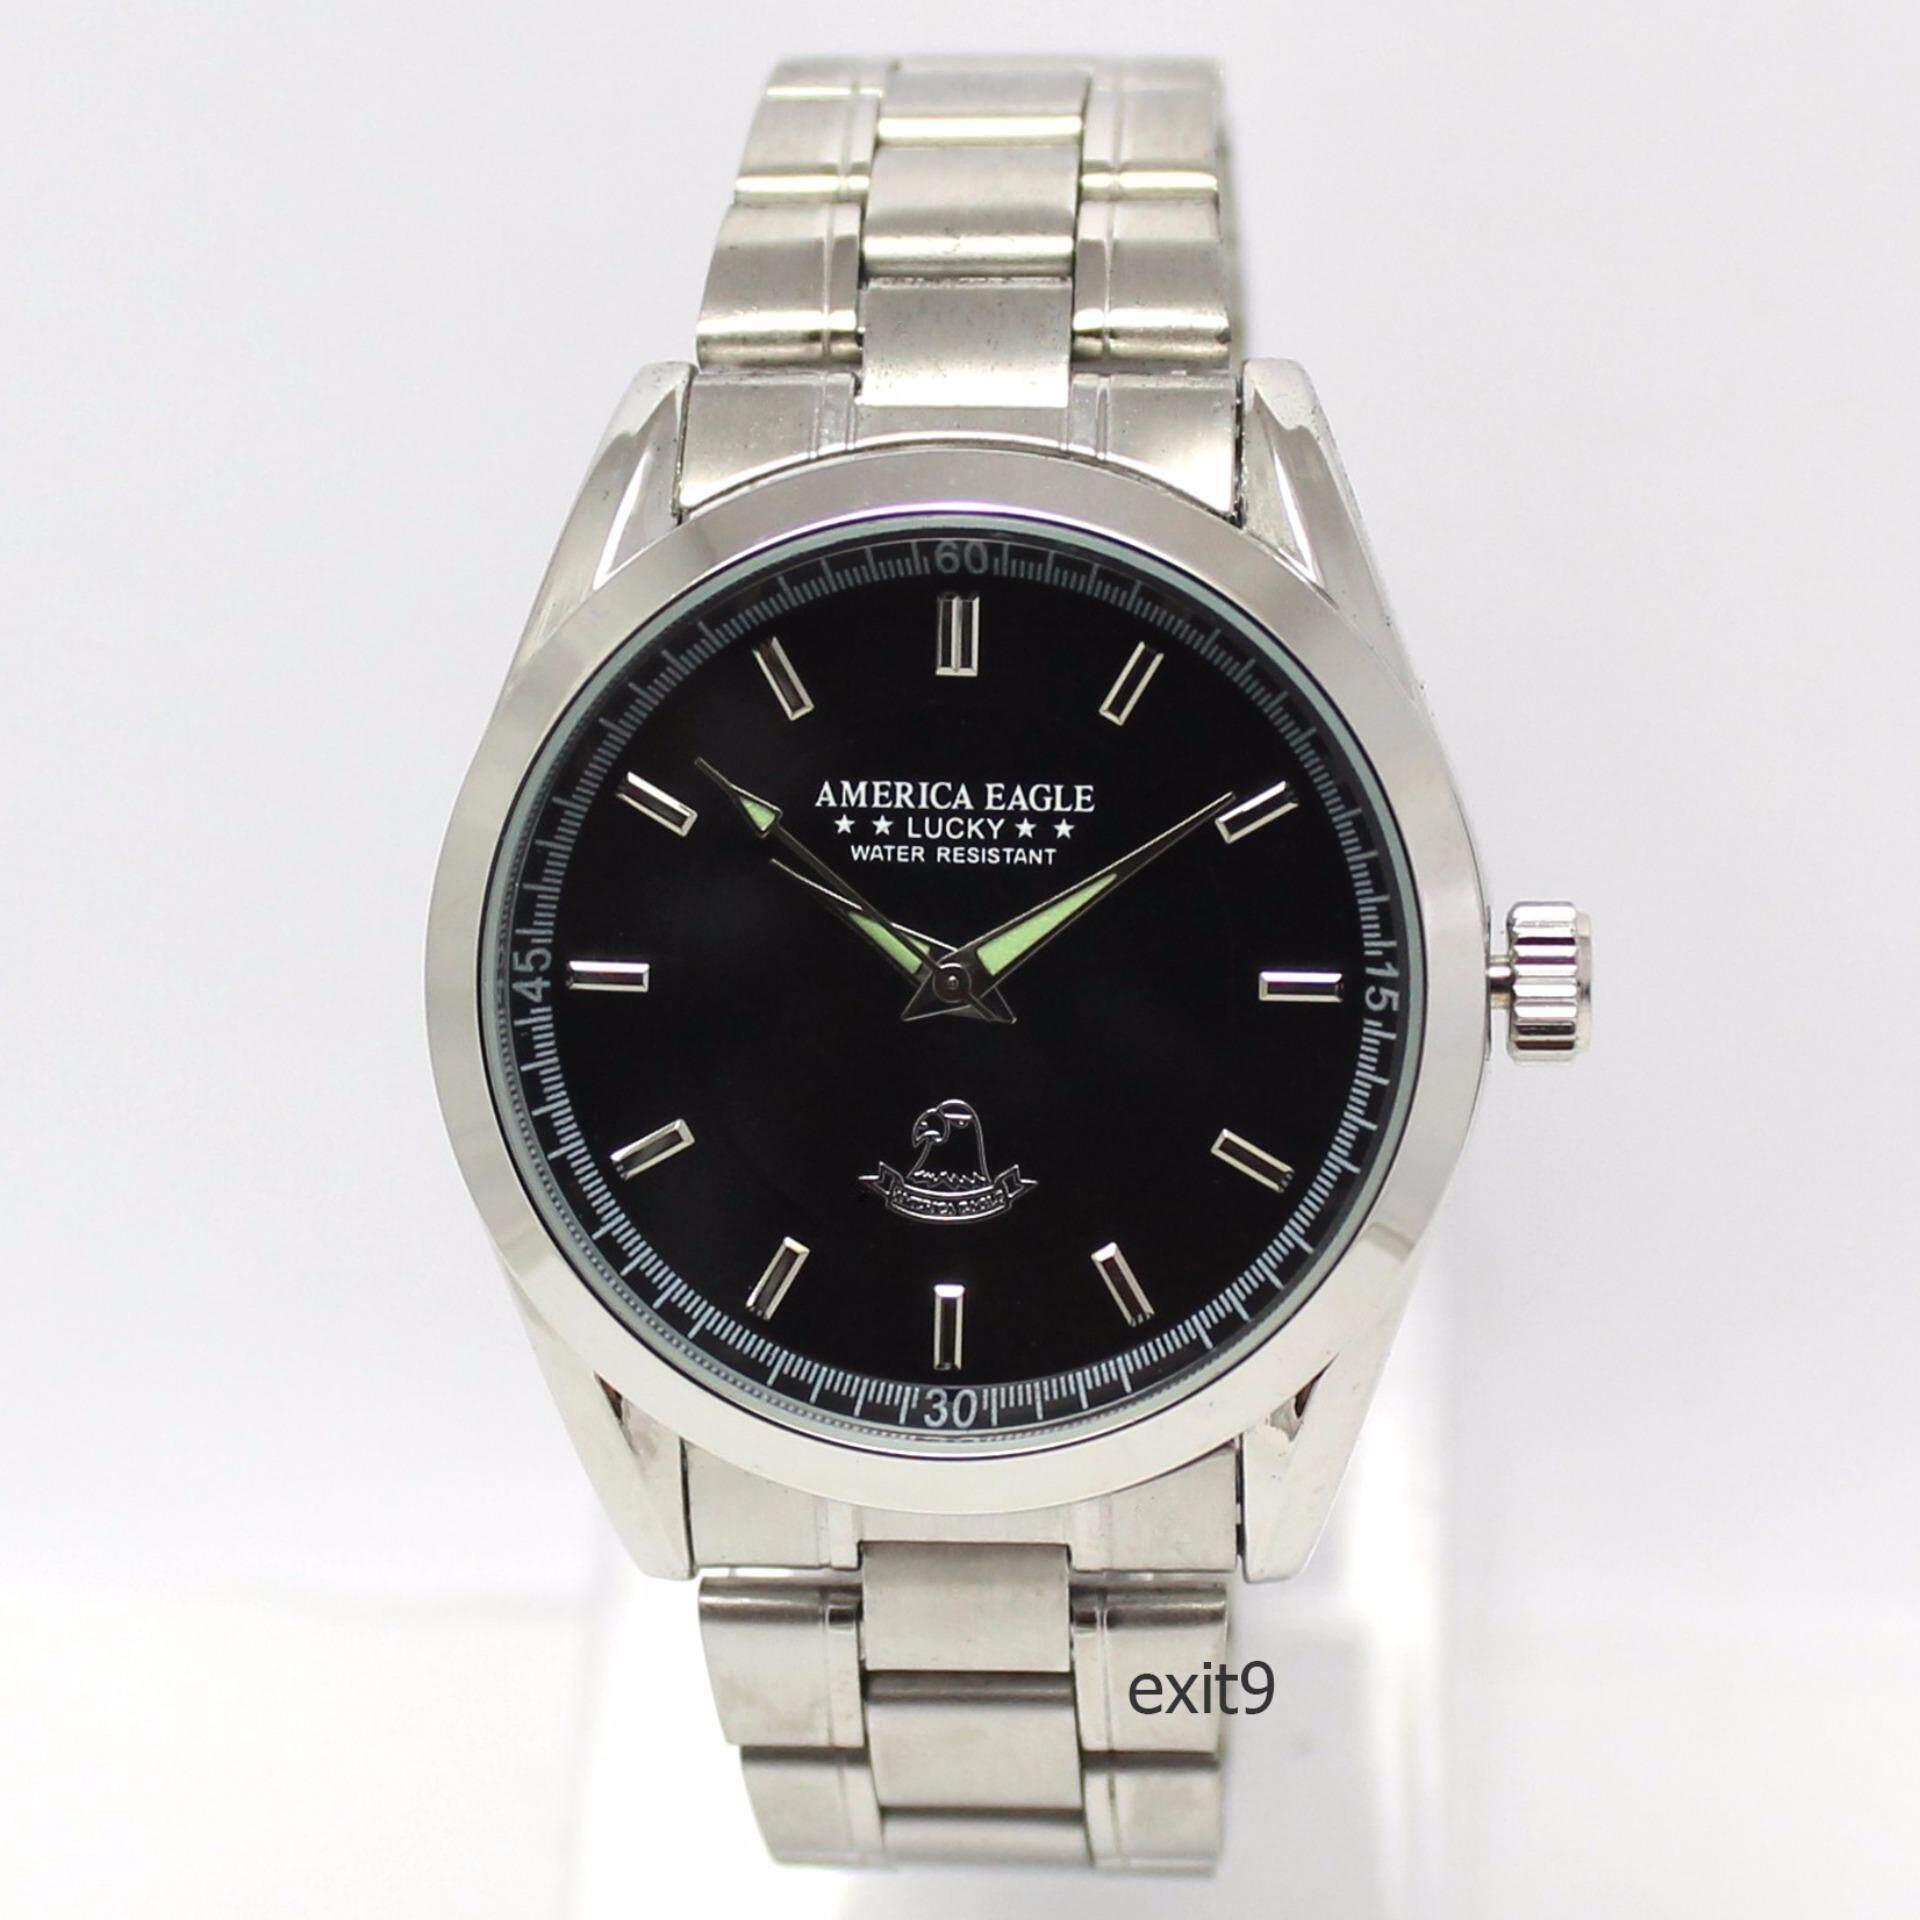 ขาย ซื้อ America Eagle นาฬิกาข้อมือบุรุษหน้าปัดสีดำ สายสแตนเลส ไทย